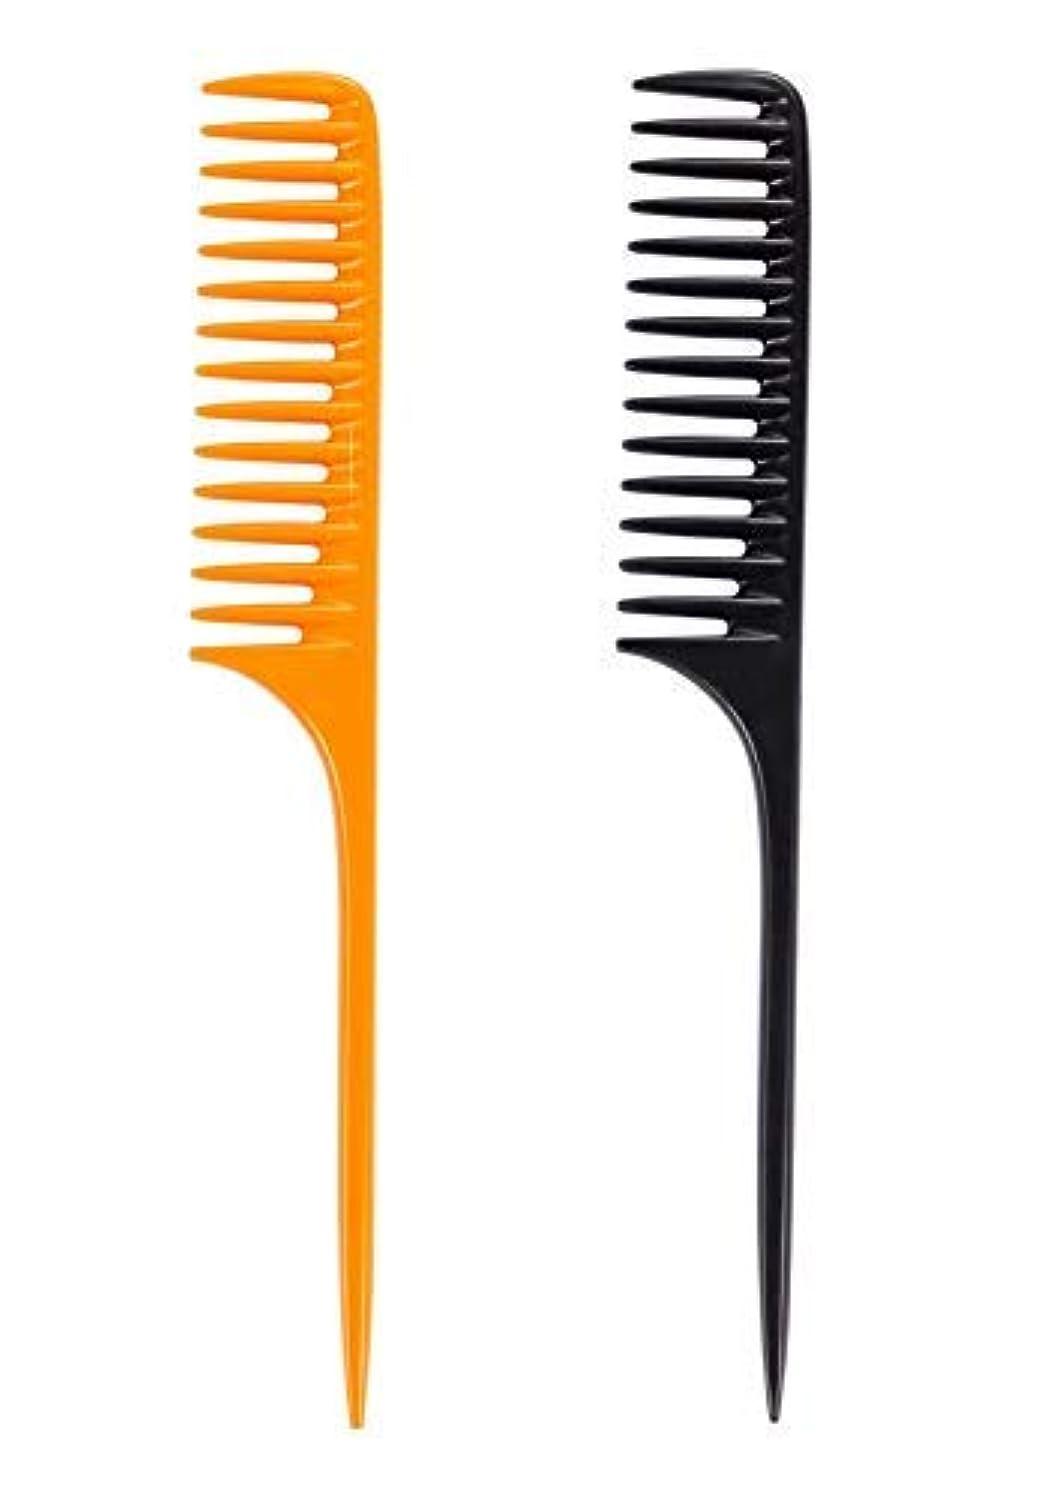 それに応じてすごいグレーLouise Maelys 2pcs Wide Tooth Rat Tail Comb for Curly Hair Styling Detangle Hair Combs Black and Yellow [並行輸入品]